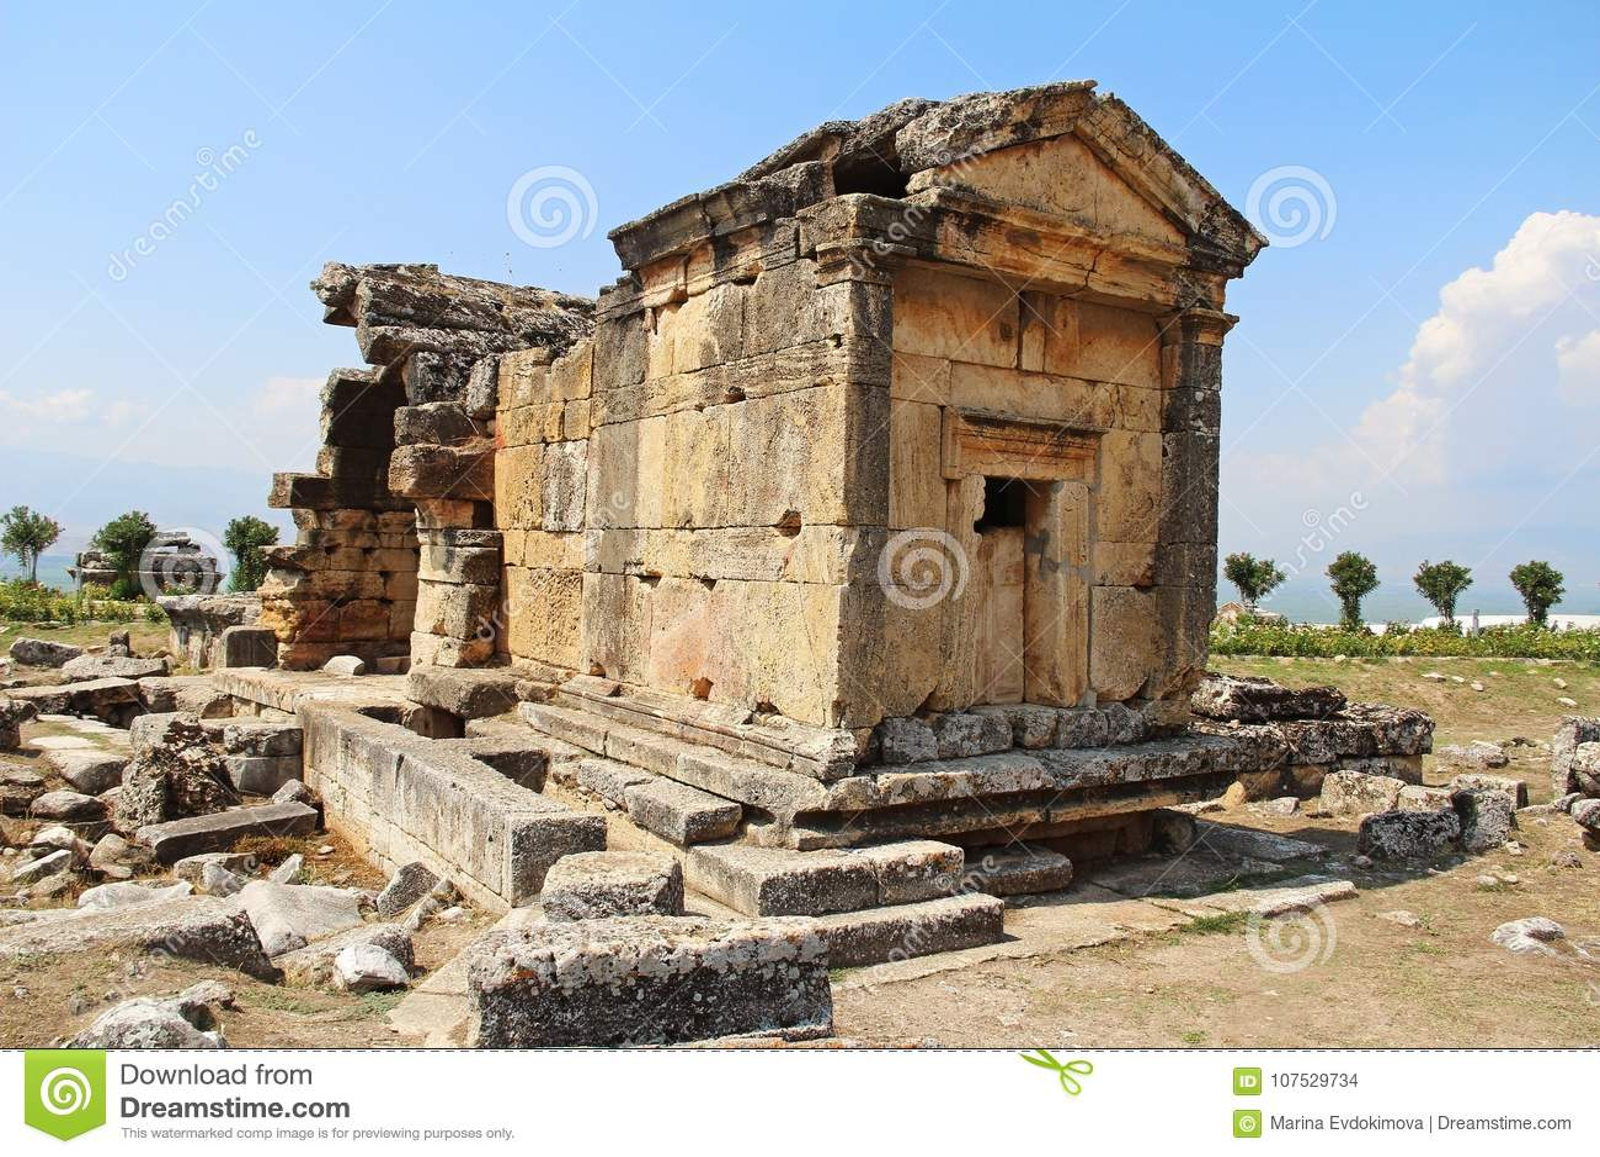 Die Ruinen der alten Hierapolis-Stadt nahe bei den Travertinpools von Pamukkale, die Türkei grab